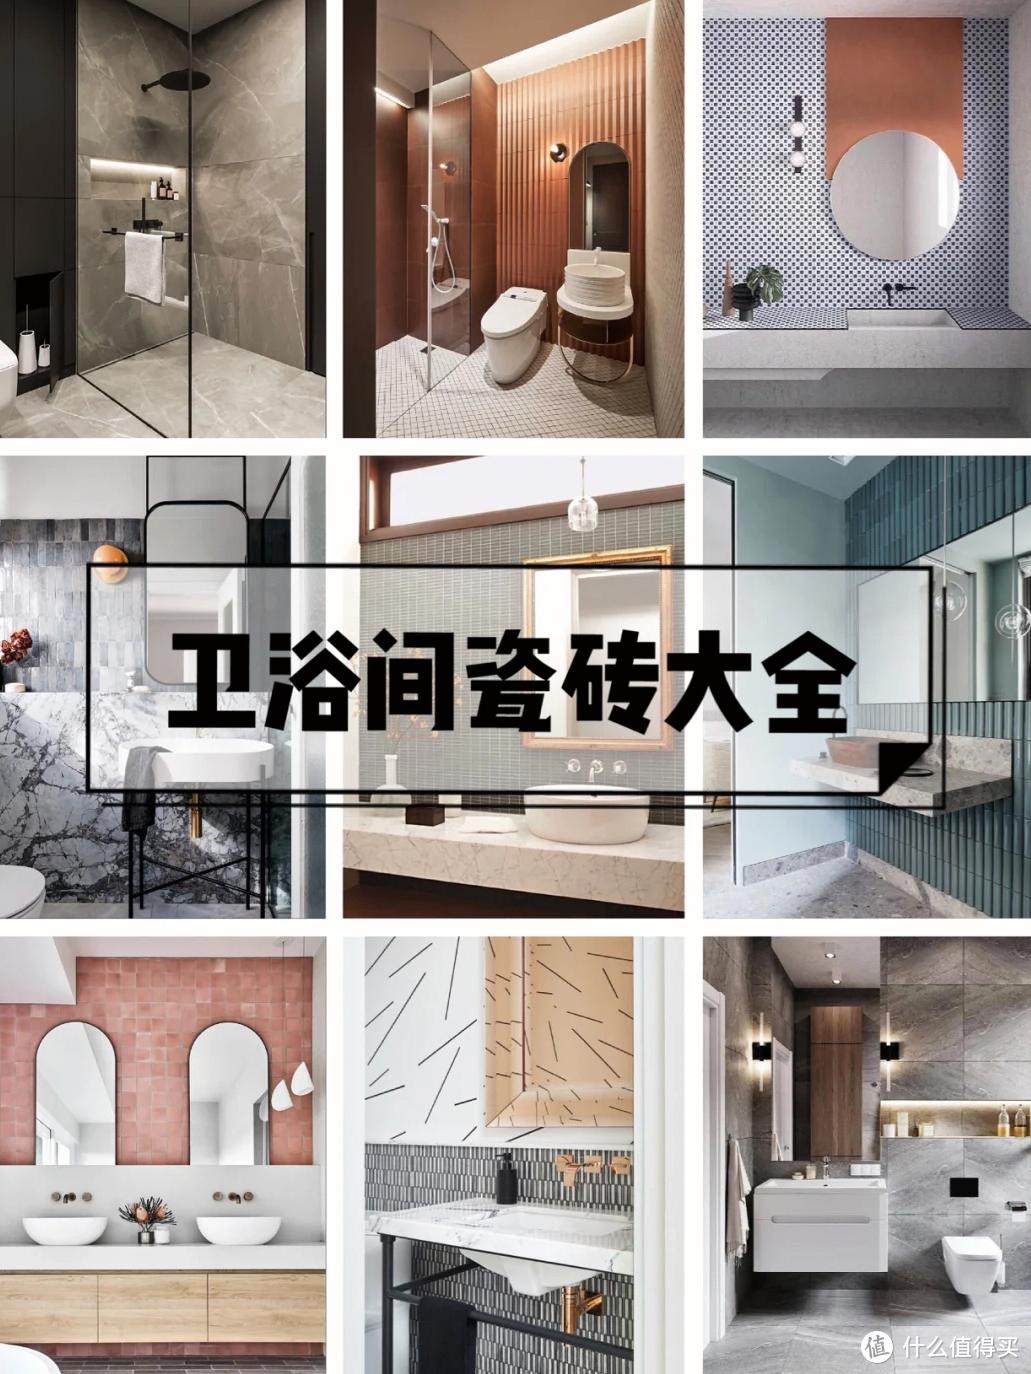 卫生间纯干货分享,浴室瓷砖怎么选?讲解保证通俗易懂